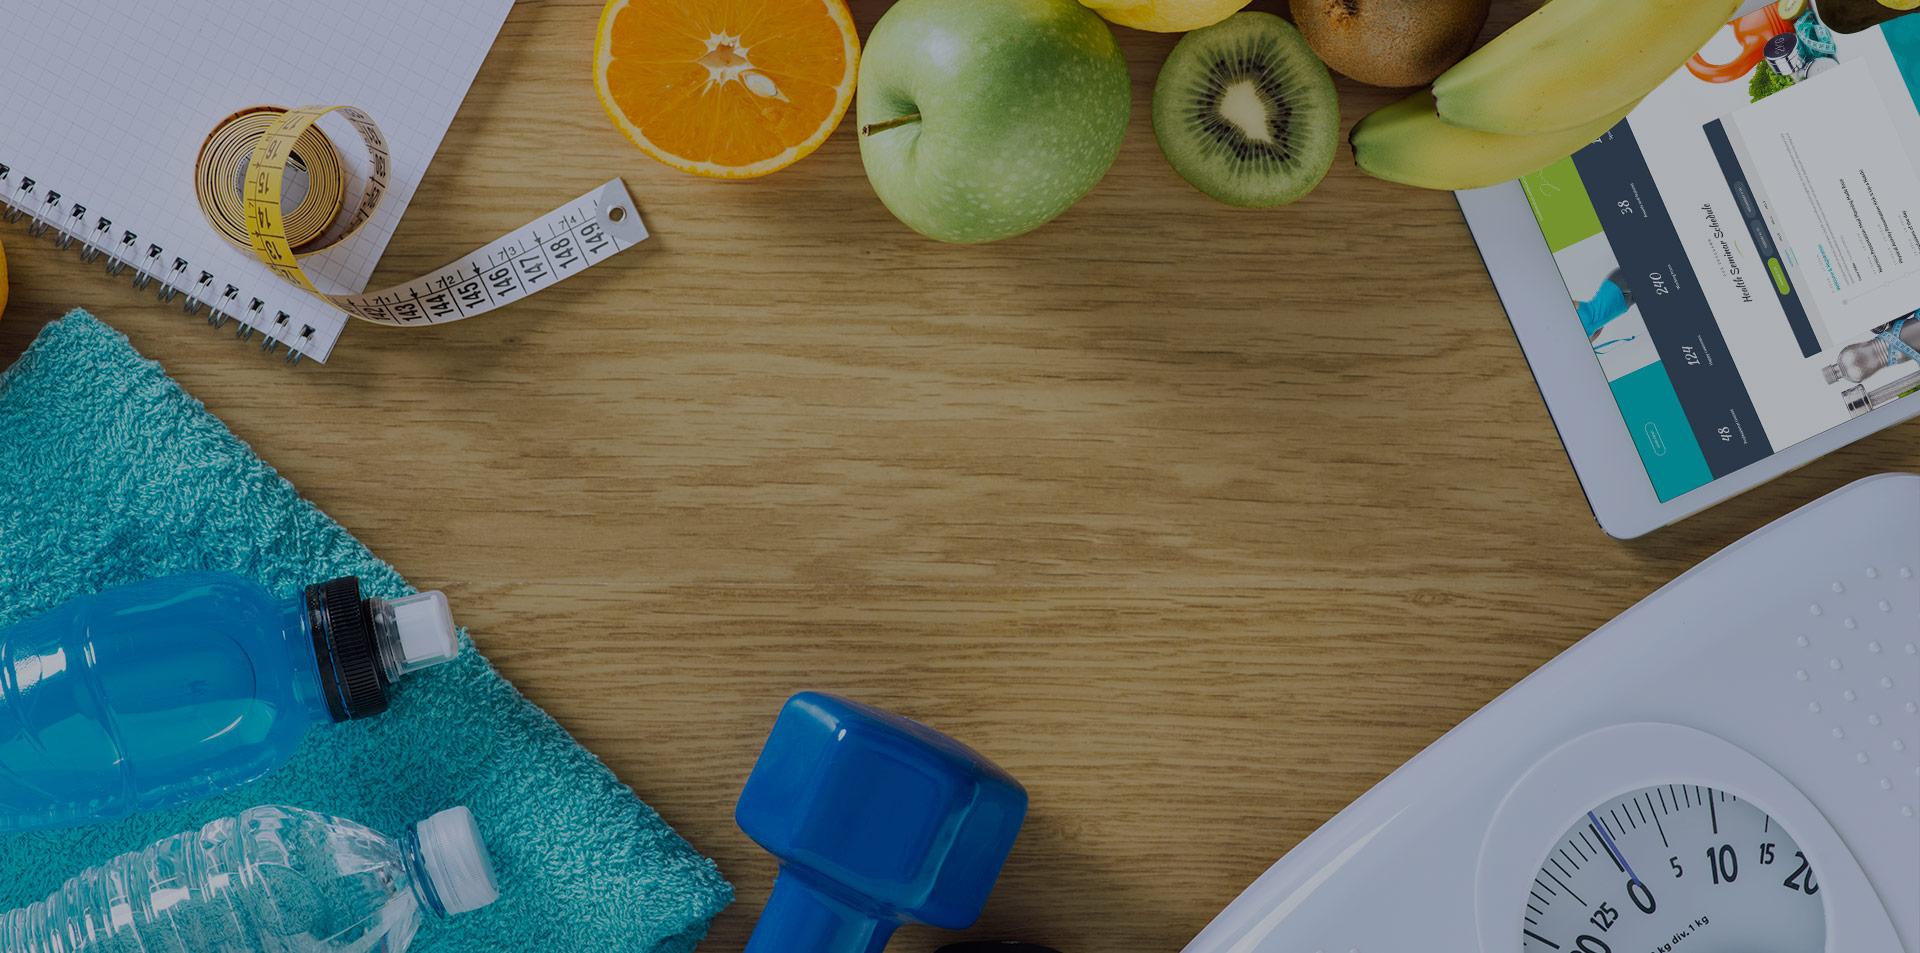 nutrizione fitness wellness healthy sana alimentazione nutrizionista bari online